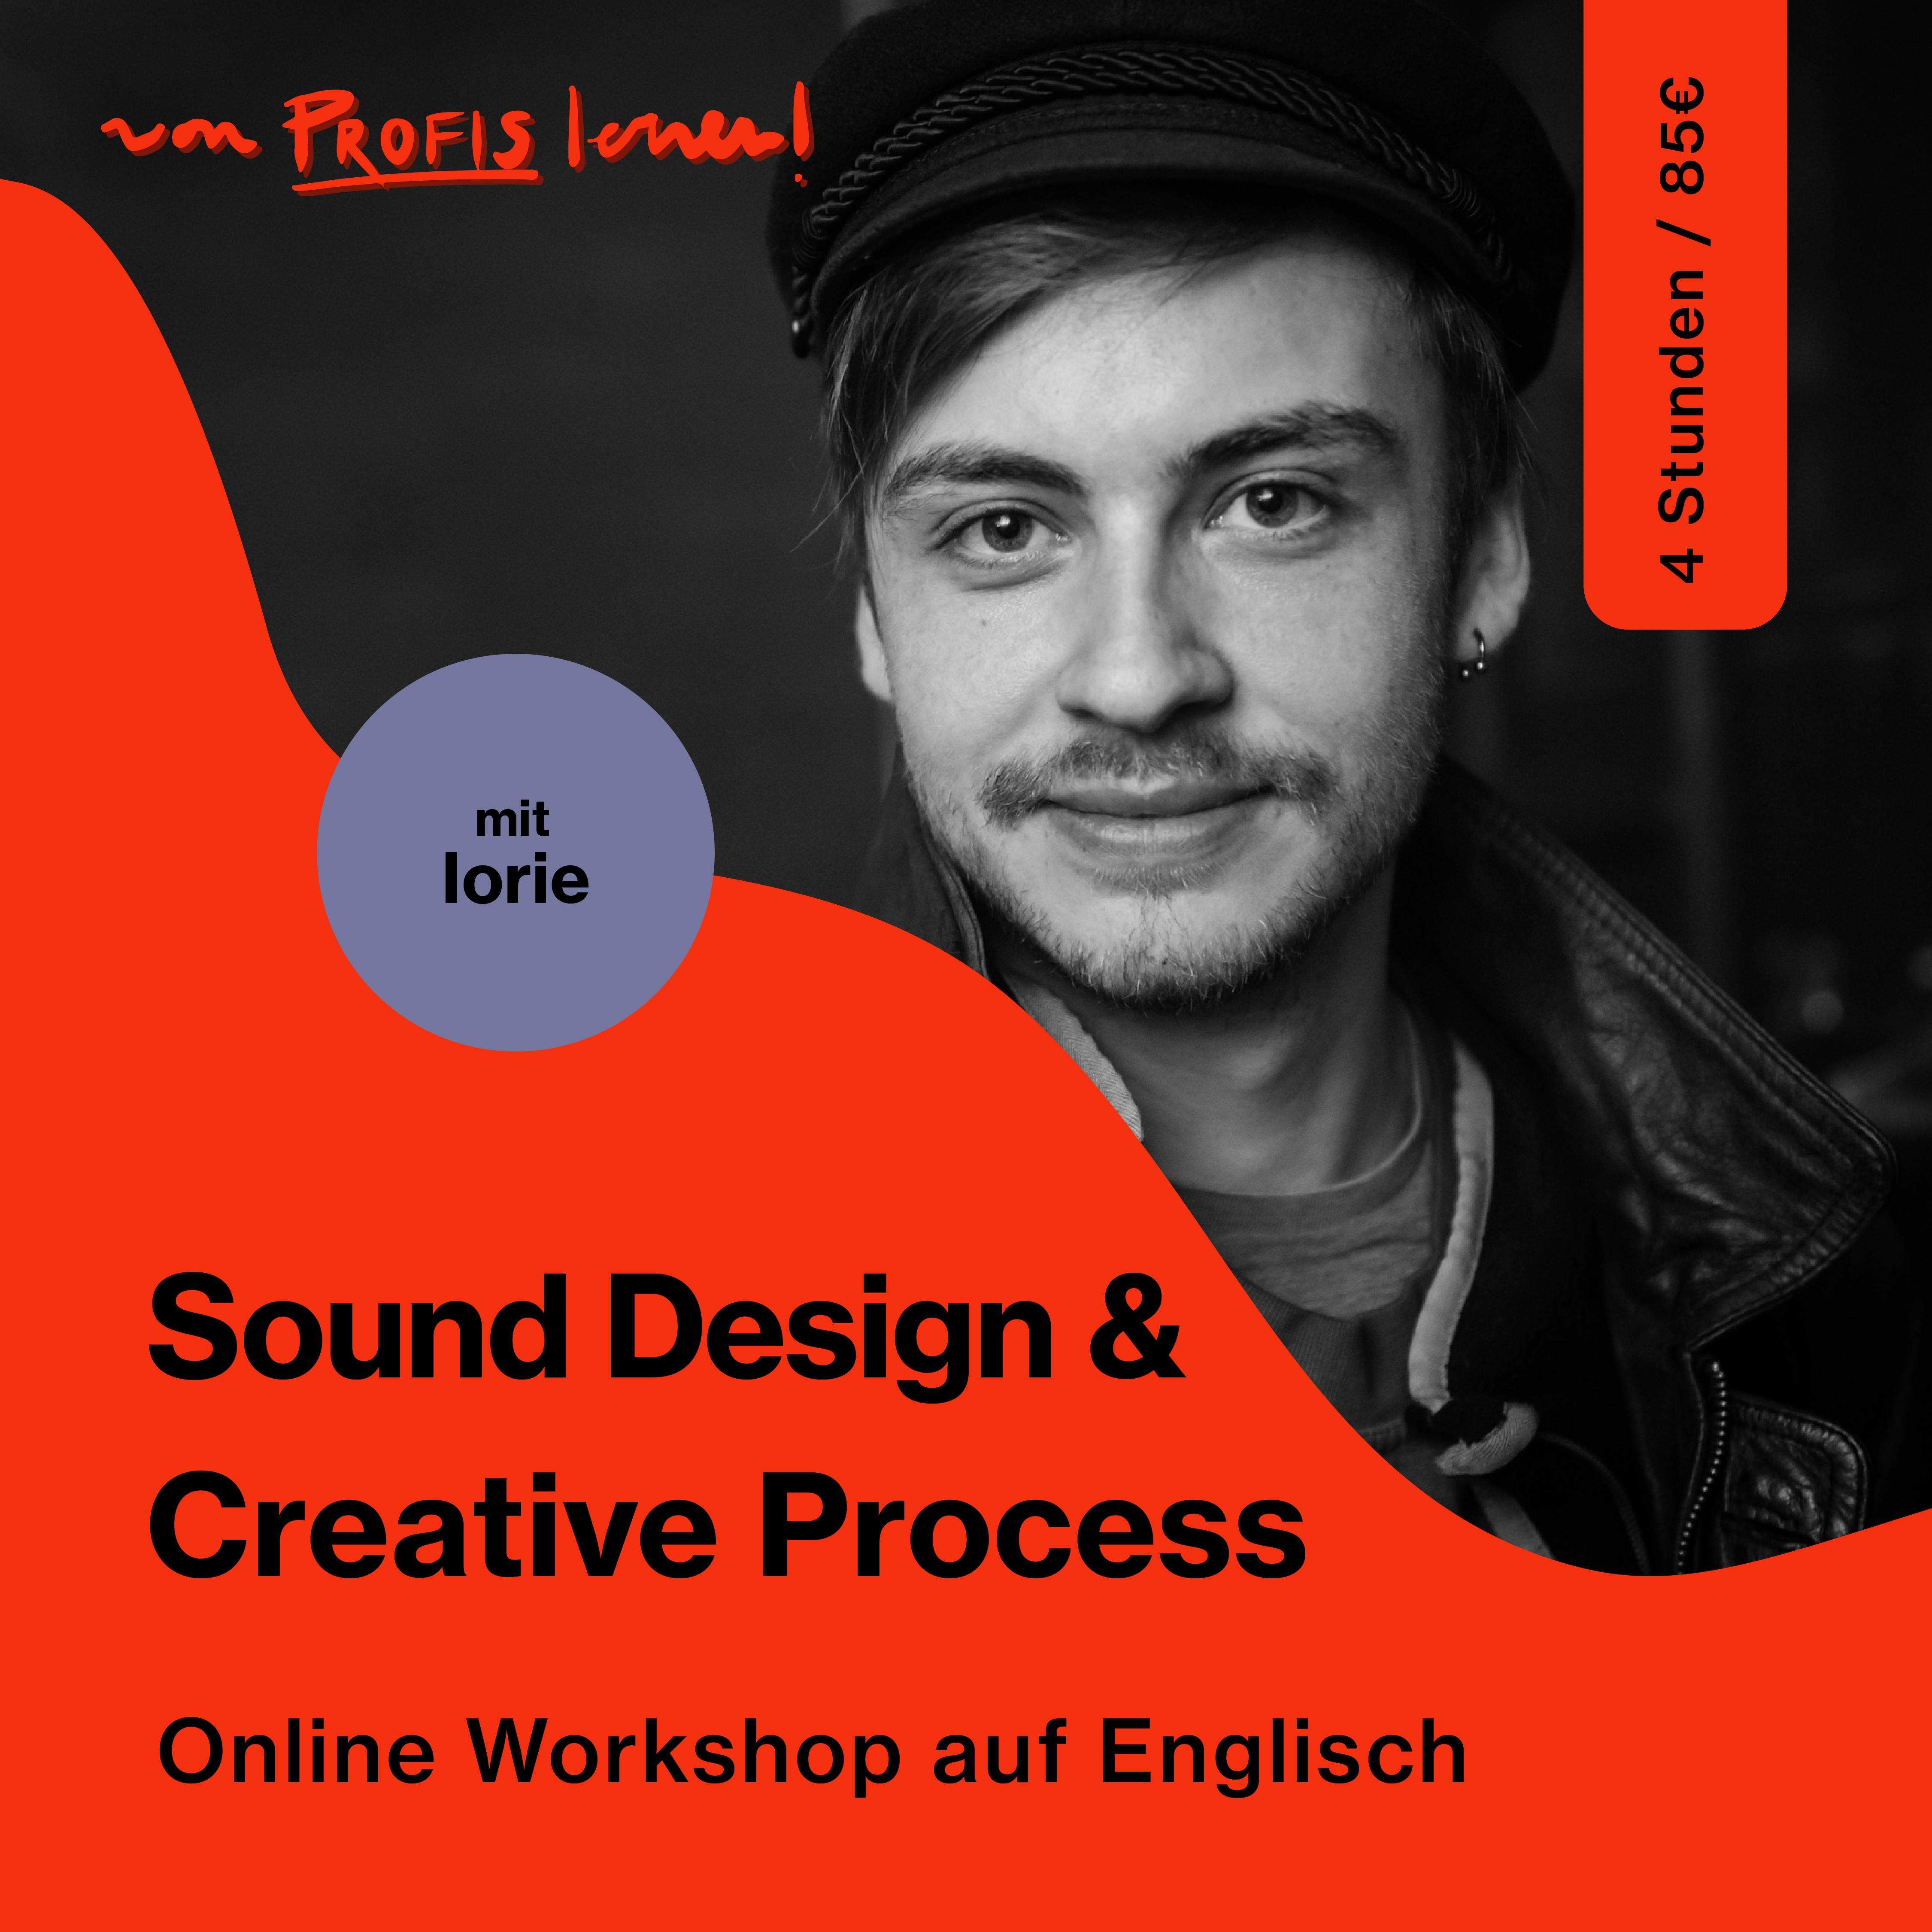 Sound Design & Creative Process